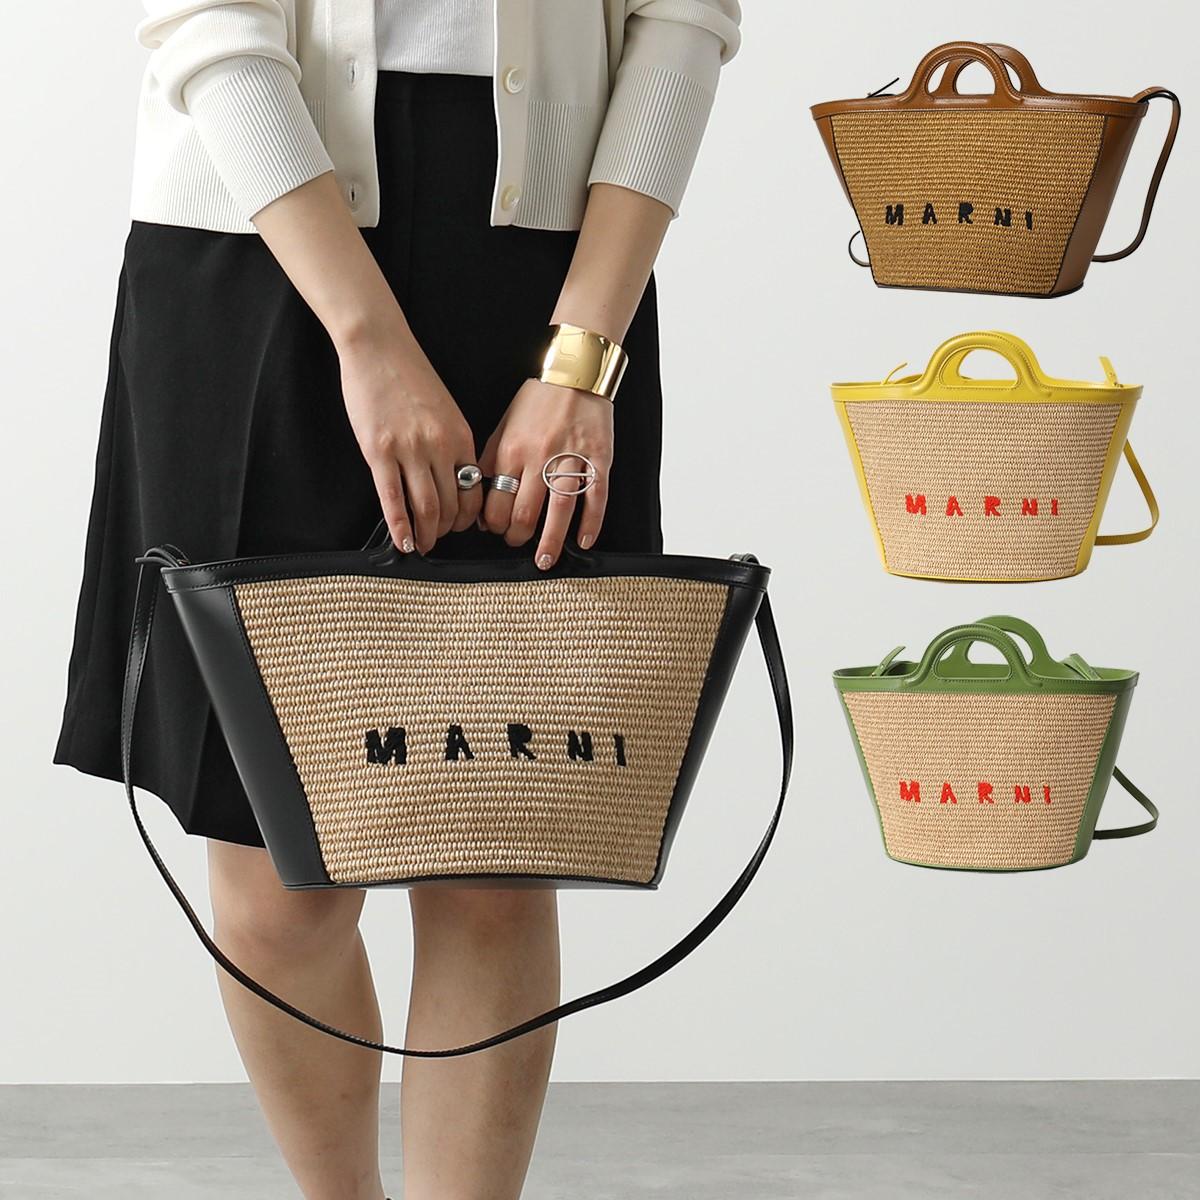 本物保証!  MARNI 鞄 マルニ ロゴ BMMP0068Q0 P3860 TROPICALIA レザー×ラフィア ハンドバッグ ハンドバッグ かごバッグ ショルダーバッグ ロゴ 鞄 00M50 レディース, アシカガシ:36e57a03 --- jeuxtan.com